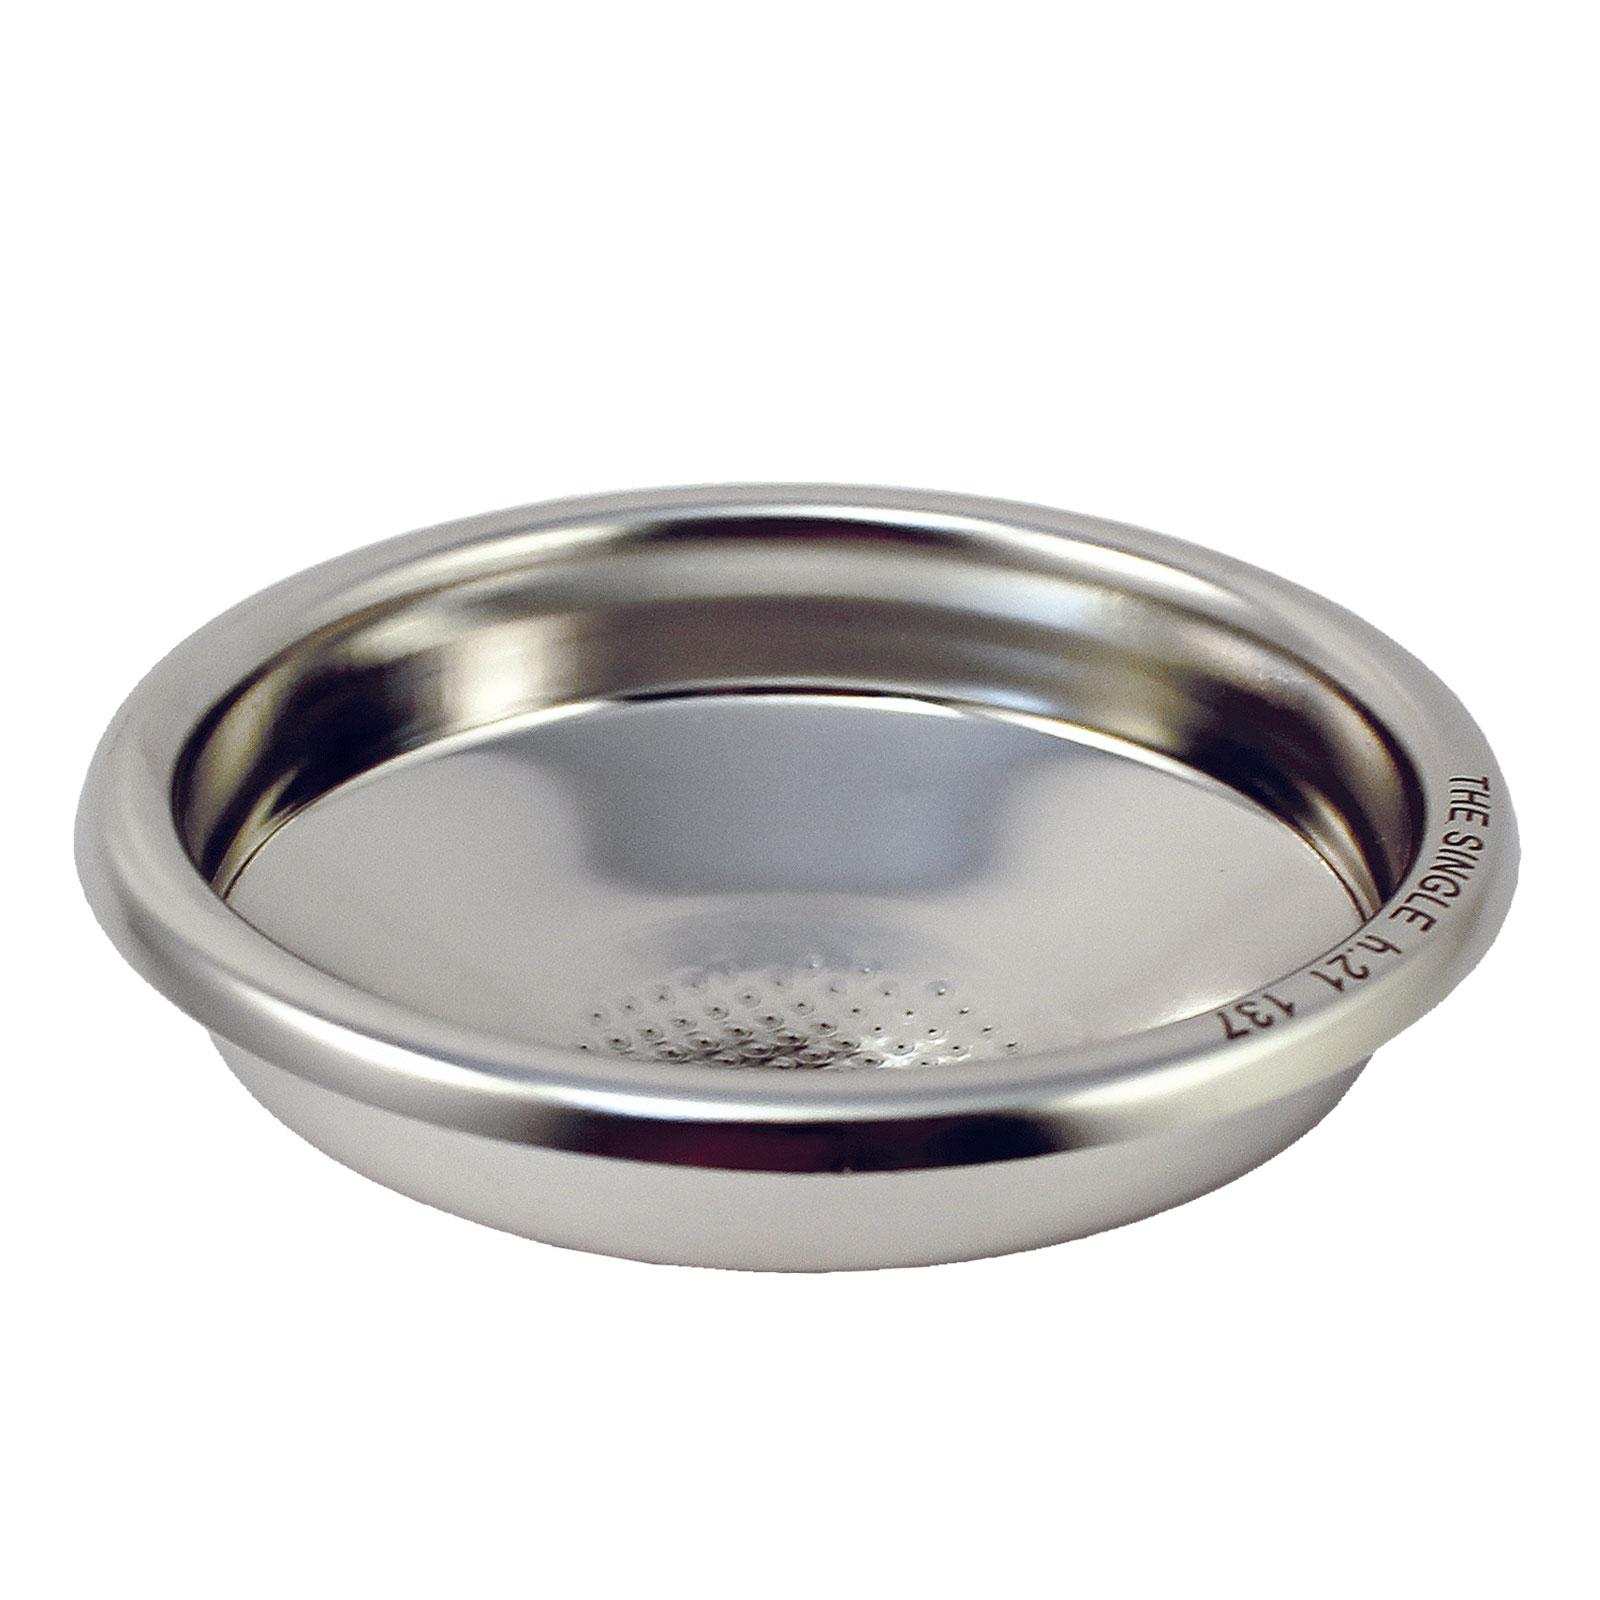 IMS Sieb 1 Tasse Filter 9,5 g The Single für Siebträger, Ø 58mm  H21 mm Barista Zubehör